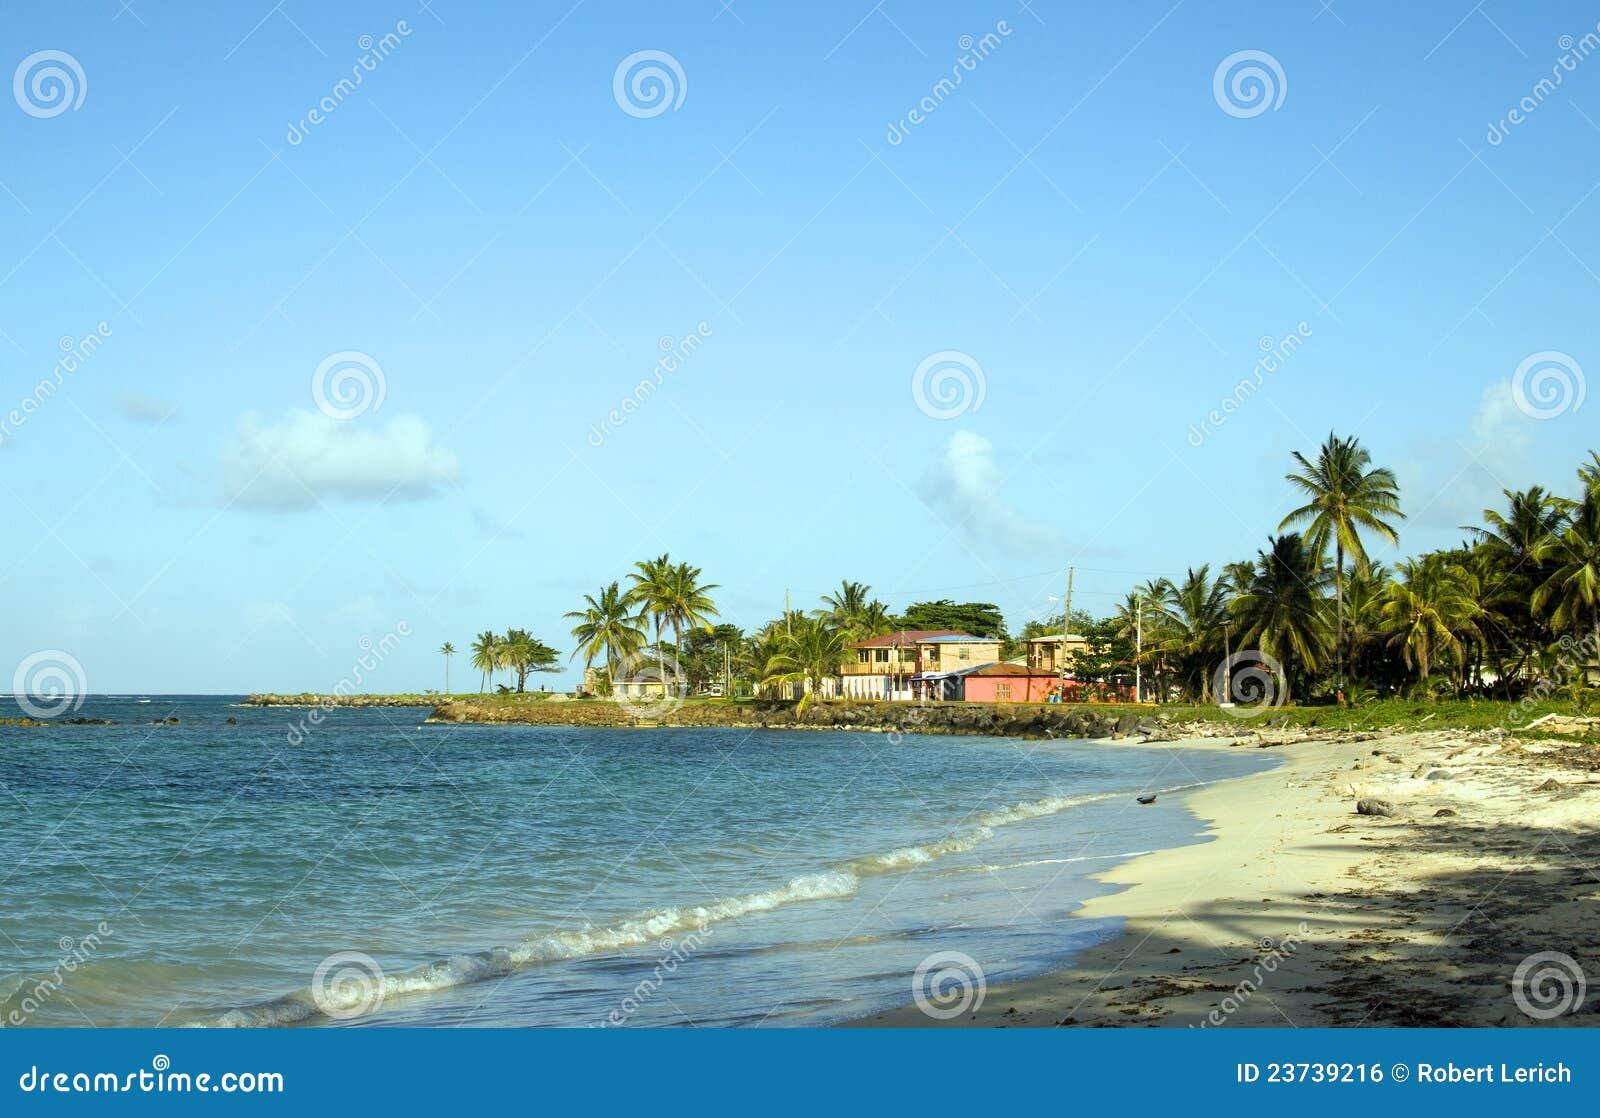 Eiland nicaragua van het graan van het hotel van het strand van het eind van het noorden het - In het midden eiland grootte ...